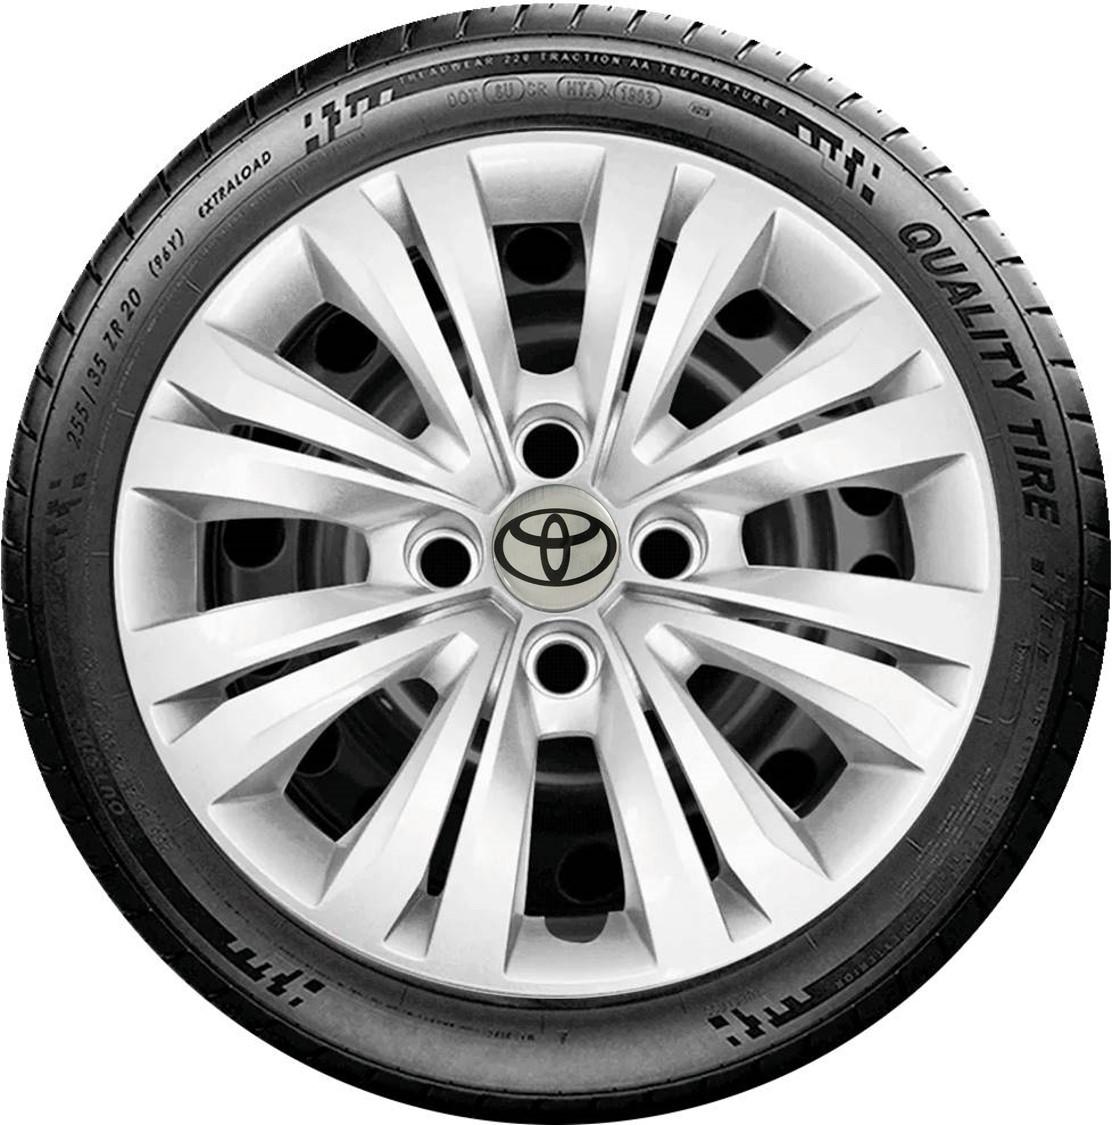 Jogo de Calota 4pç Prata Toyota Etios Corolla Aro 14 G245j